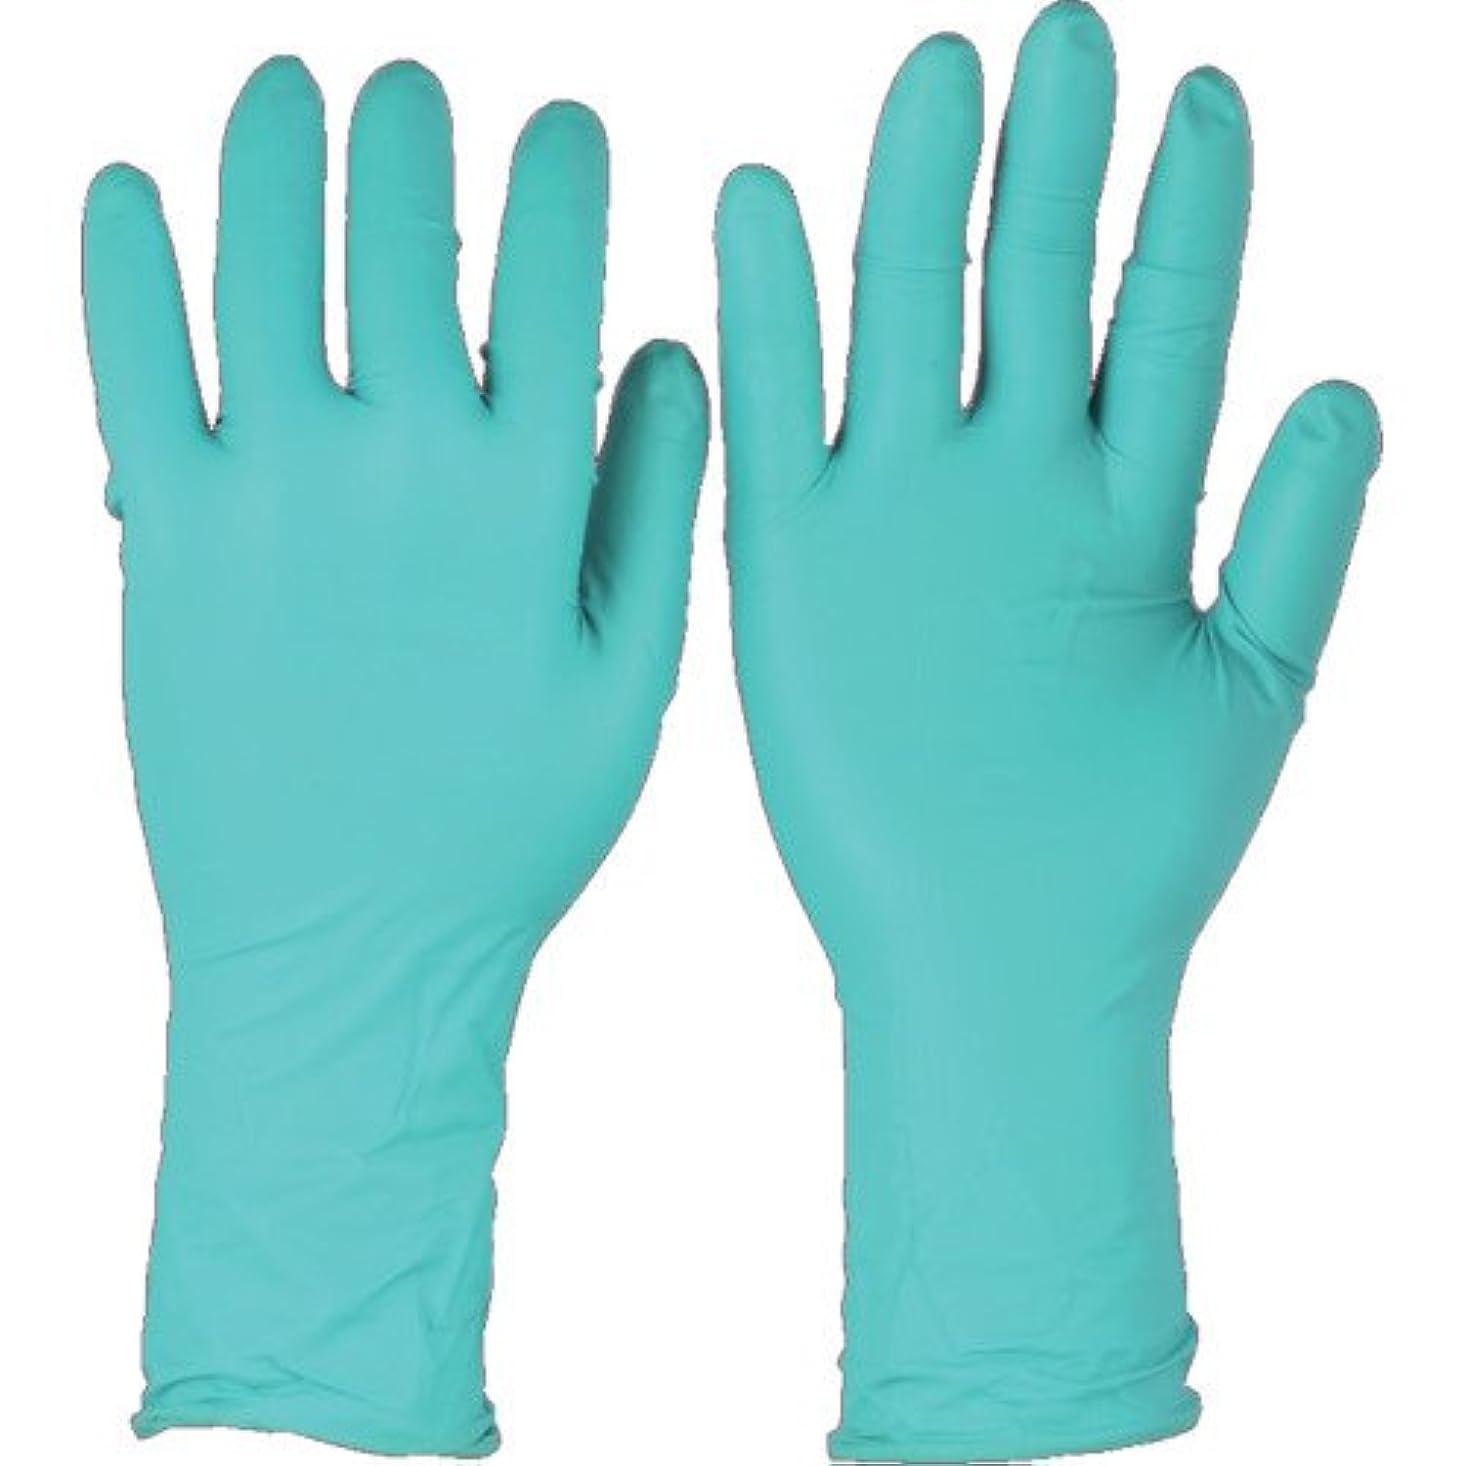 段階悪化させる可能性トラスコ中山 アンセル ネオプレンゴム使い捨て手袋 マイクロフレックス 93-260 Sサイズ (50枚入)  932607